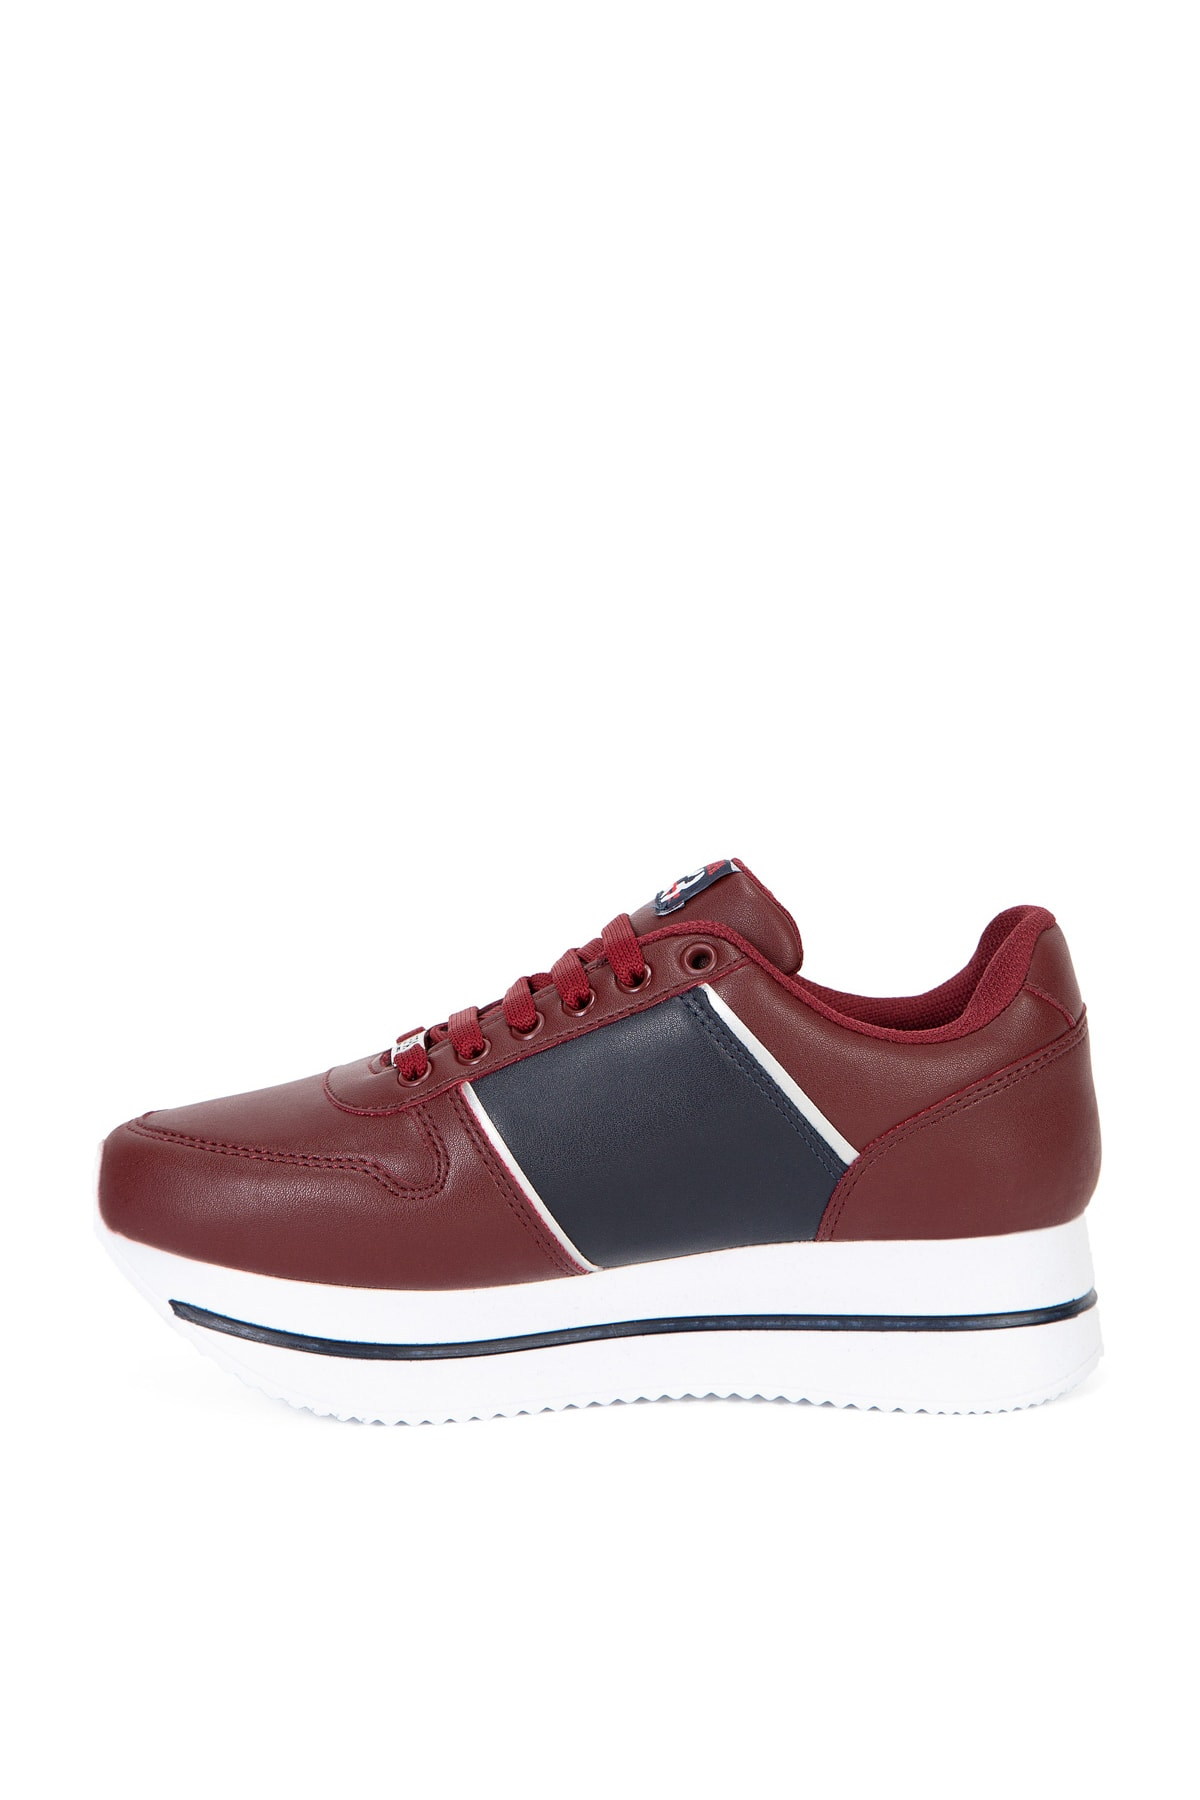 U.S. Polo Assn. Kirmizi Kadın Ayakkabı 2